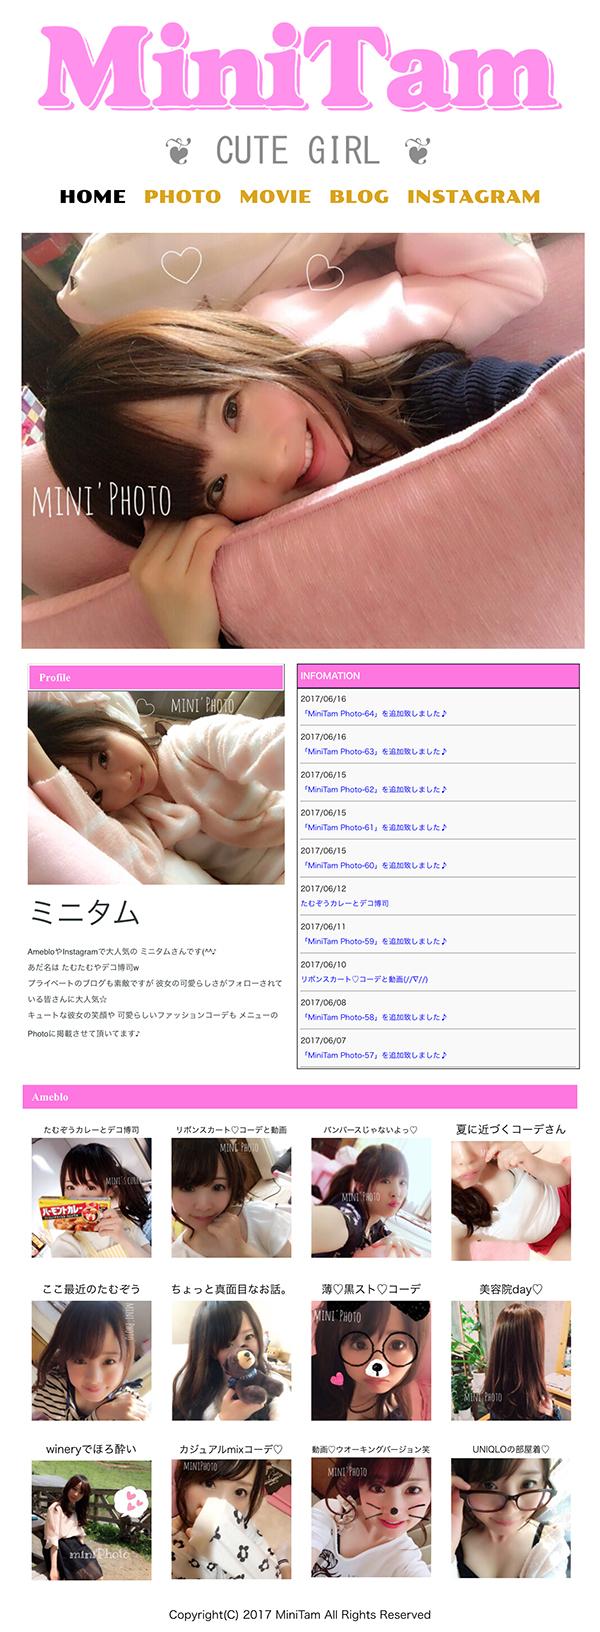 minitam-homepage.jpg